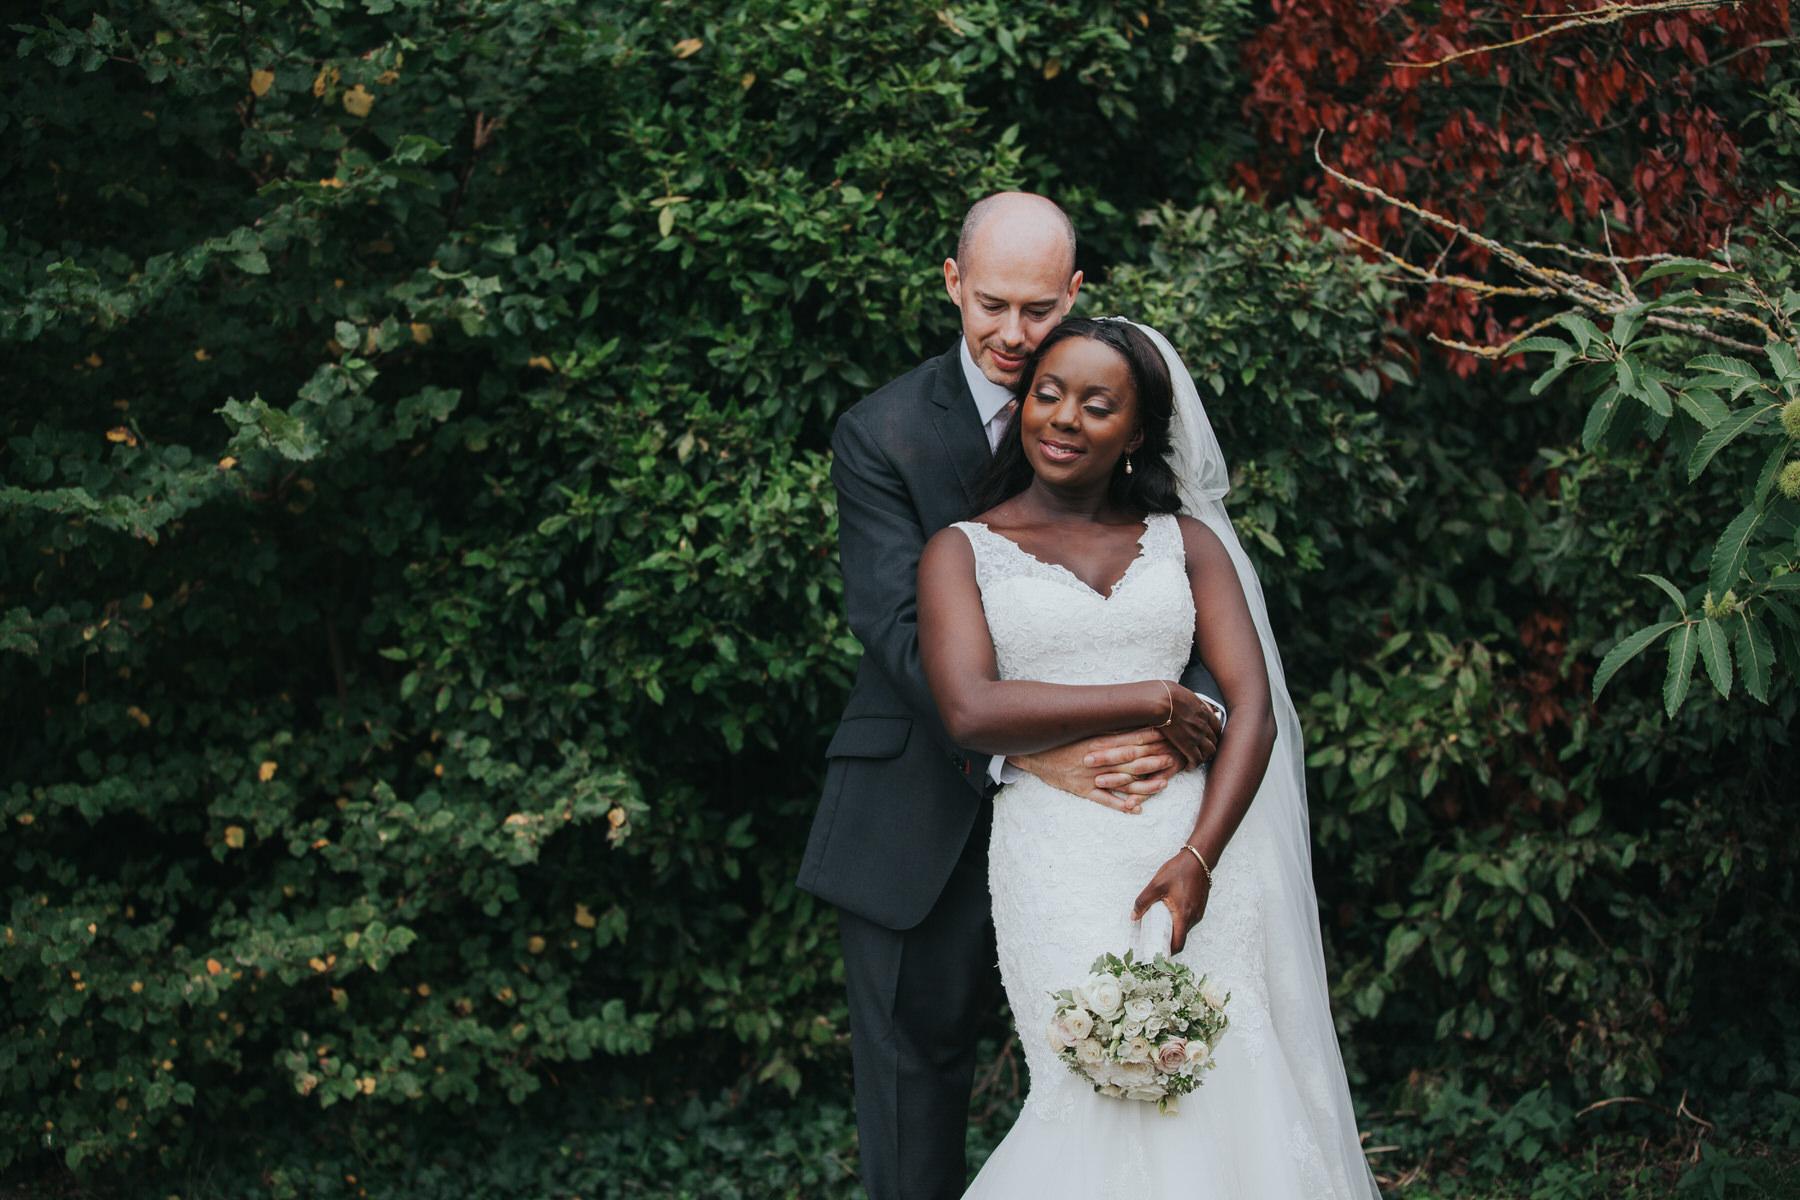 200 Dulwich wedding couple portraits.jpg